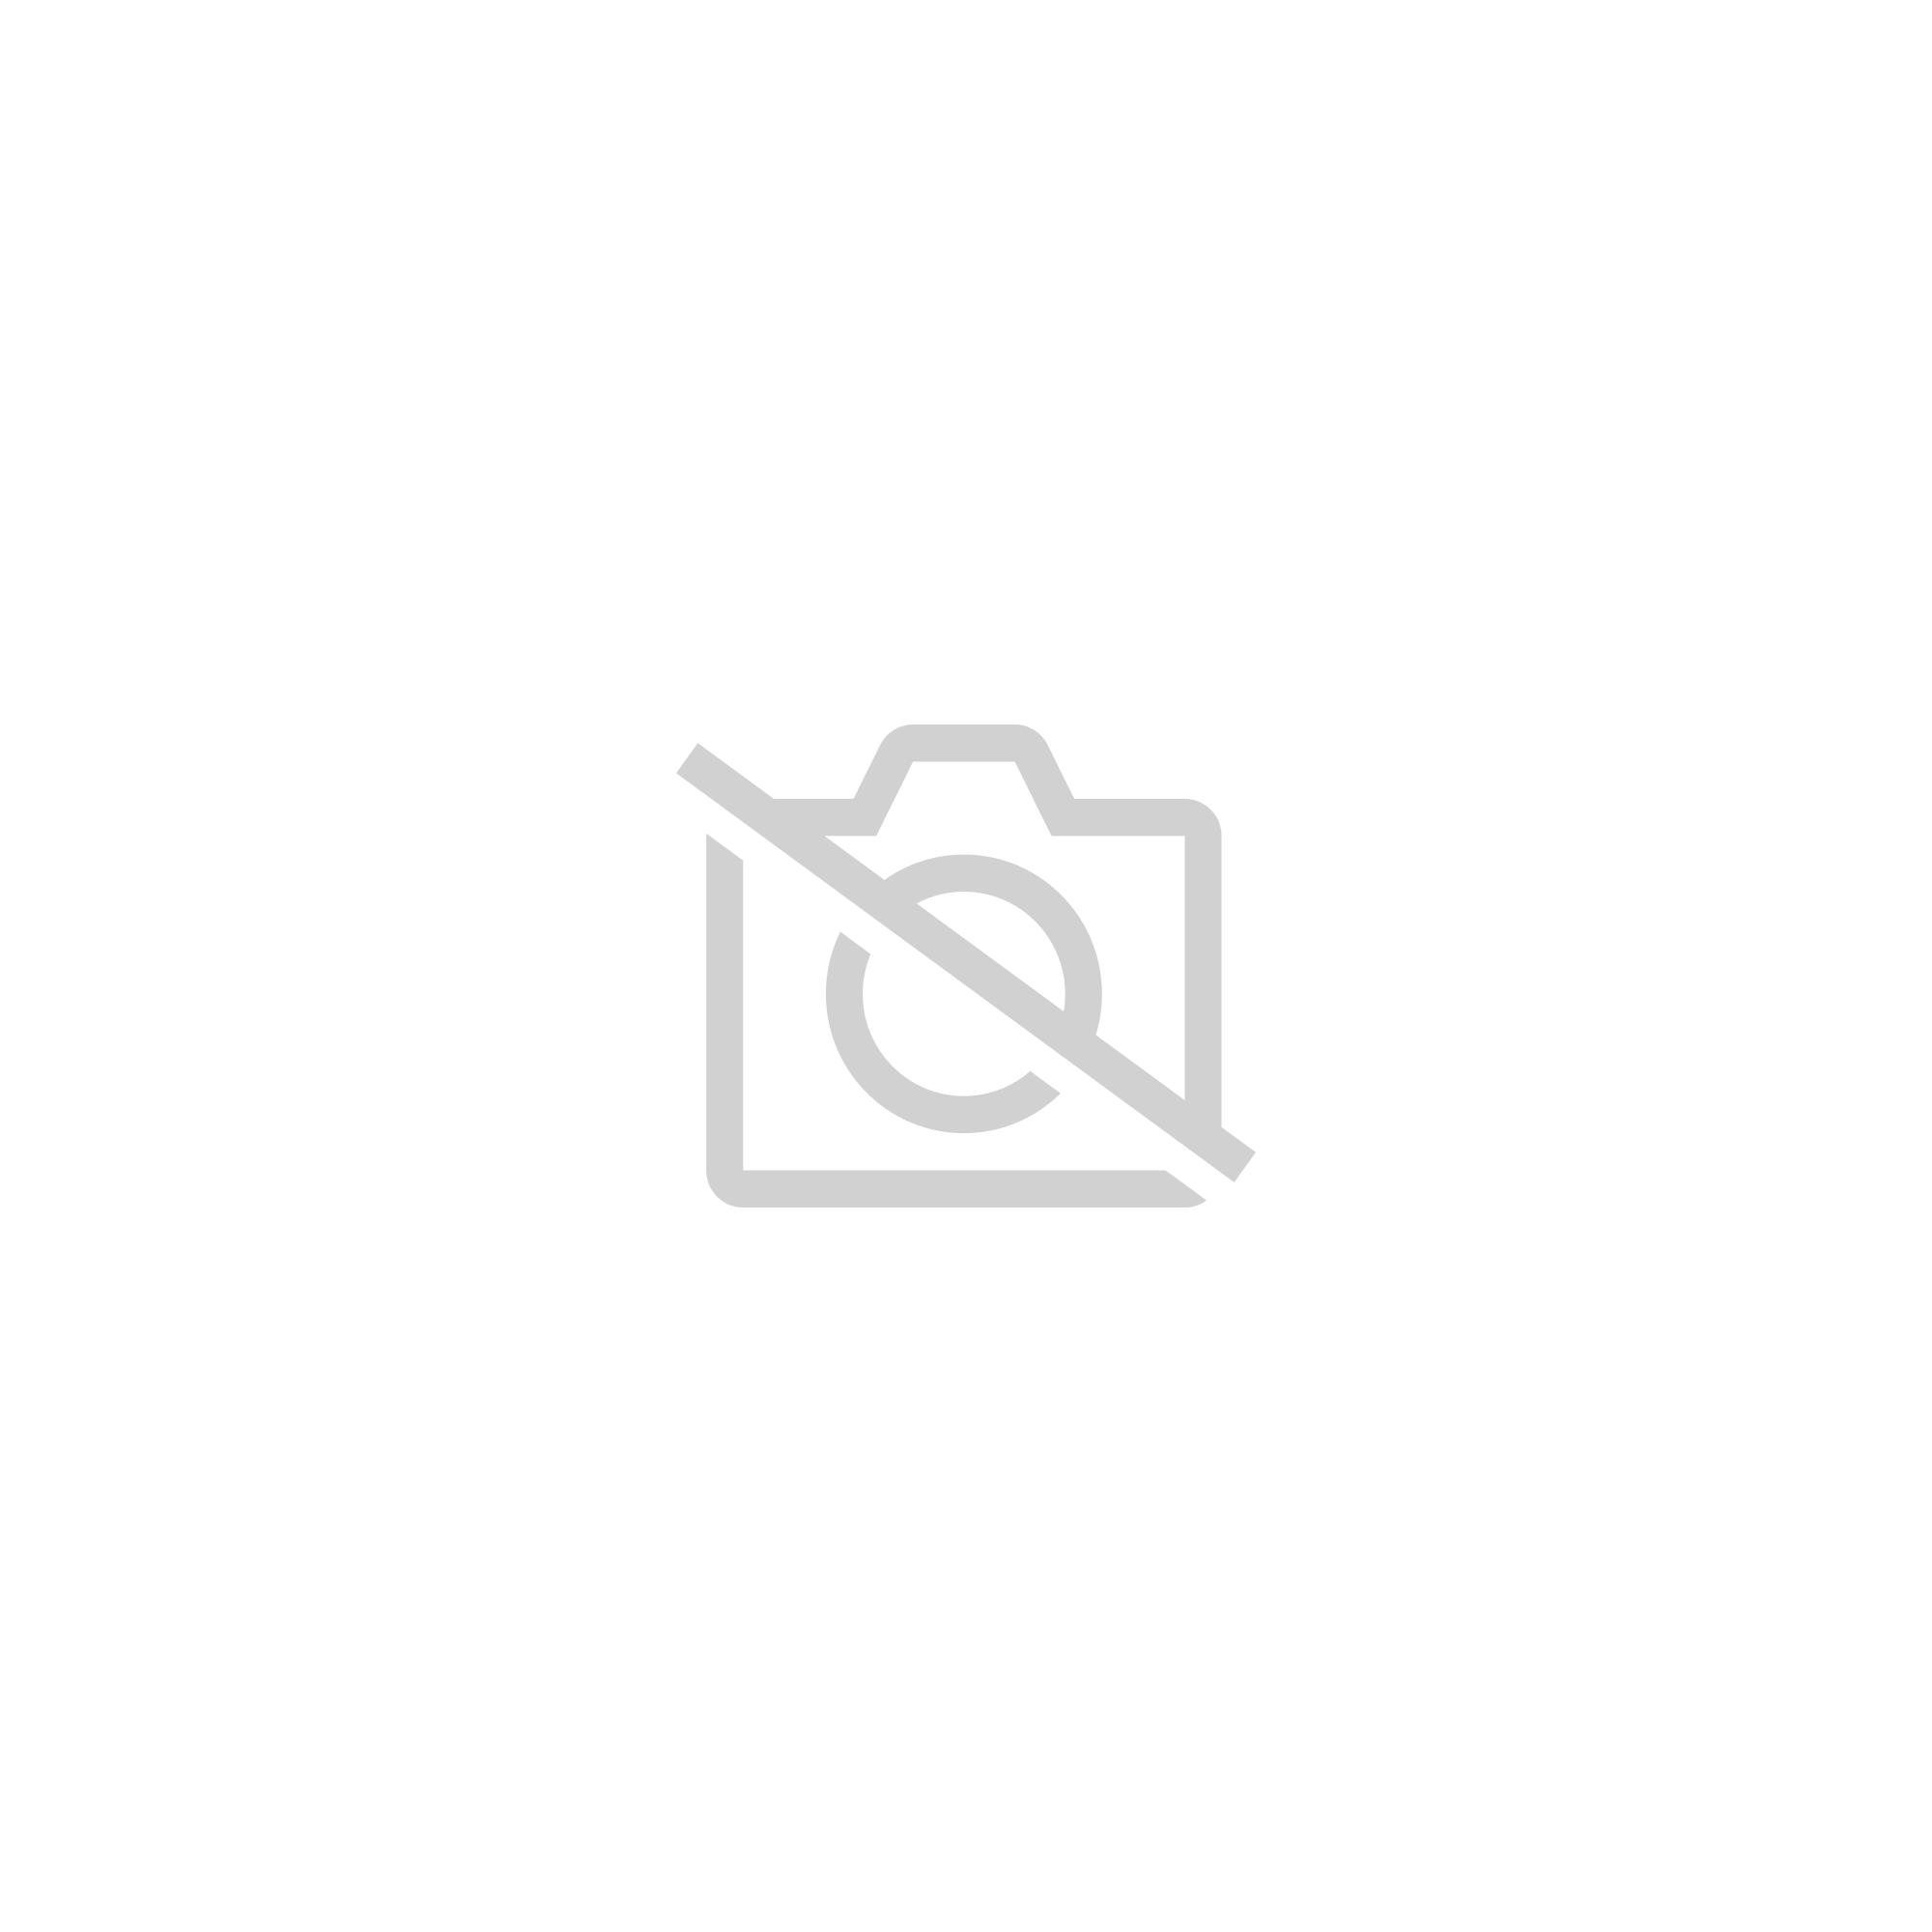 Playstation 2 - Ps2 - Aqua Blue